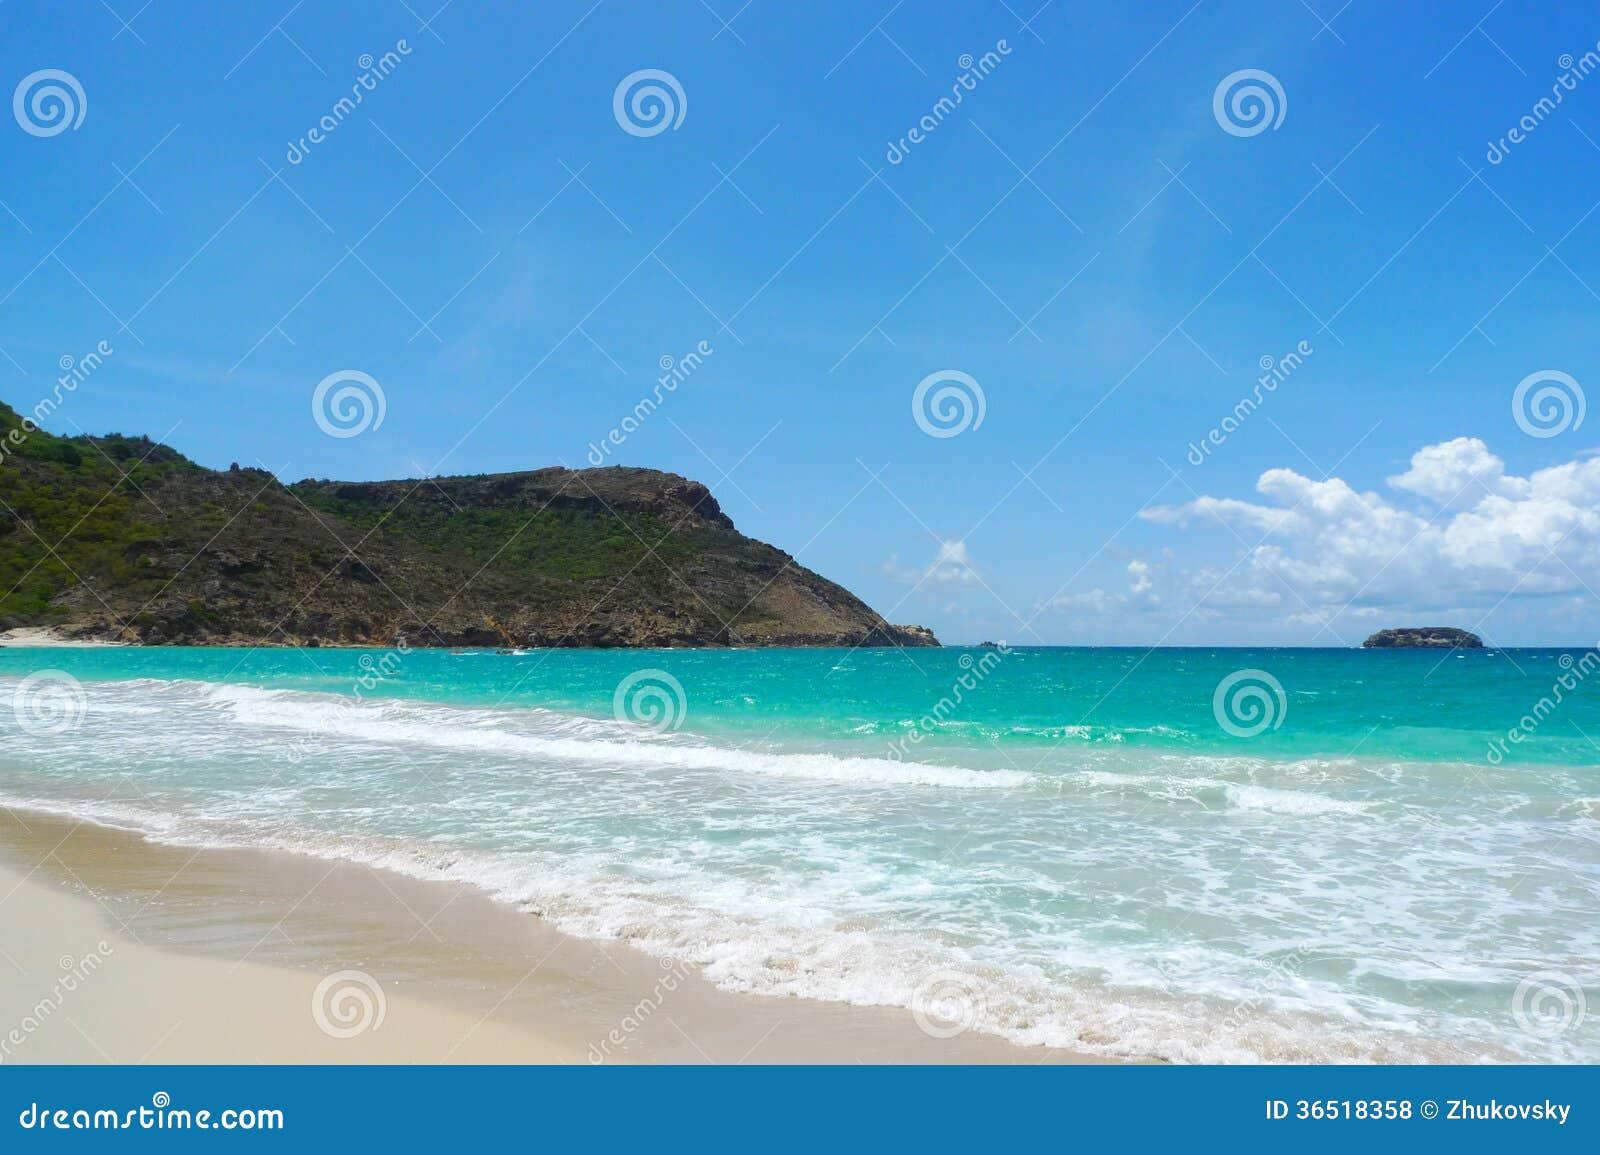 Plage saline à St Barts, Antilles françaises